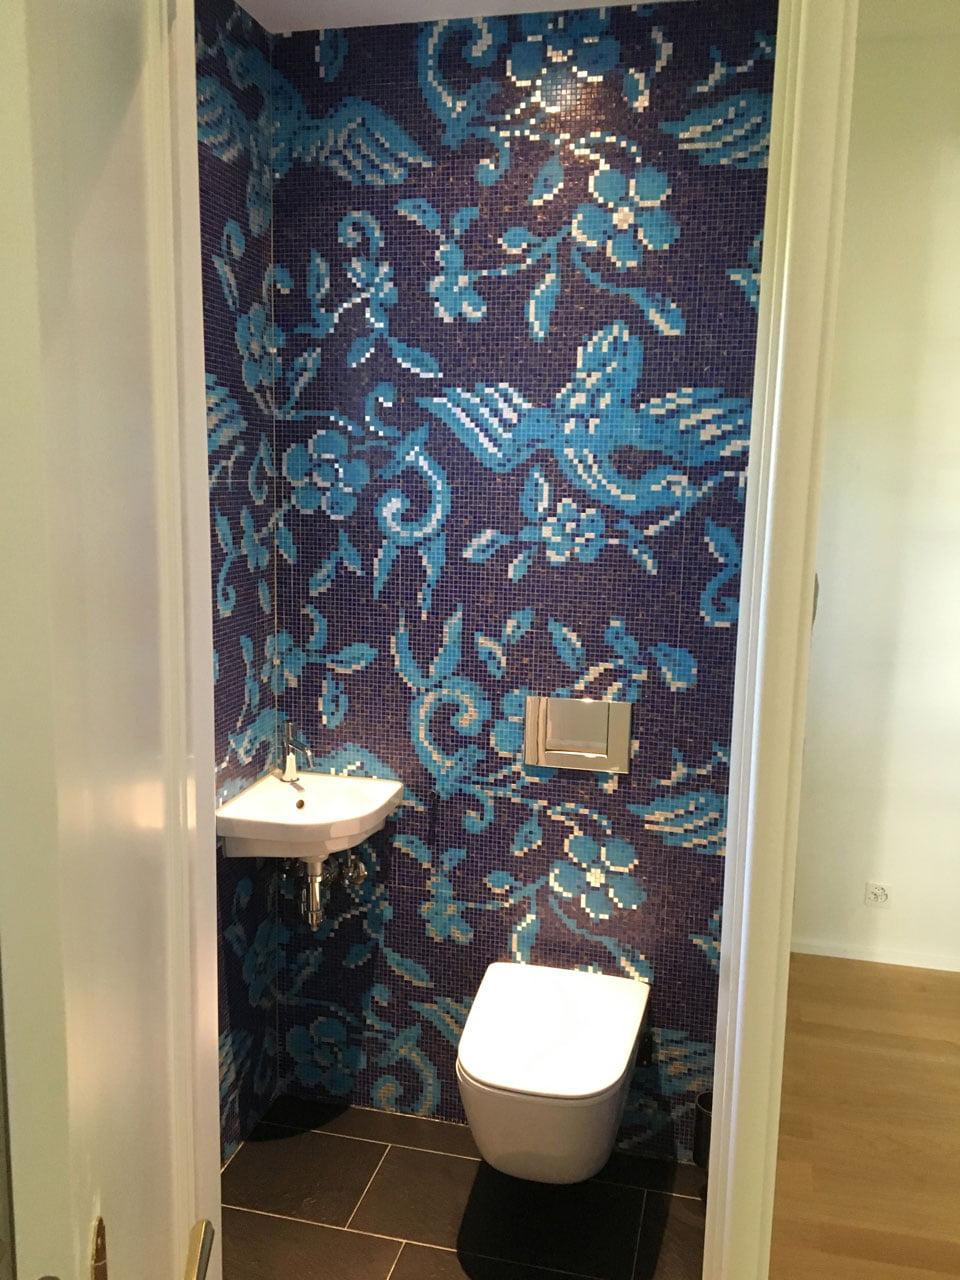 Bad mit Mosaikbild an der Wand